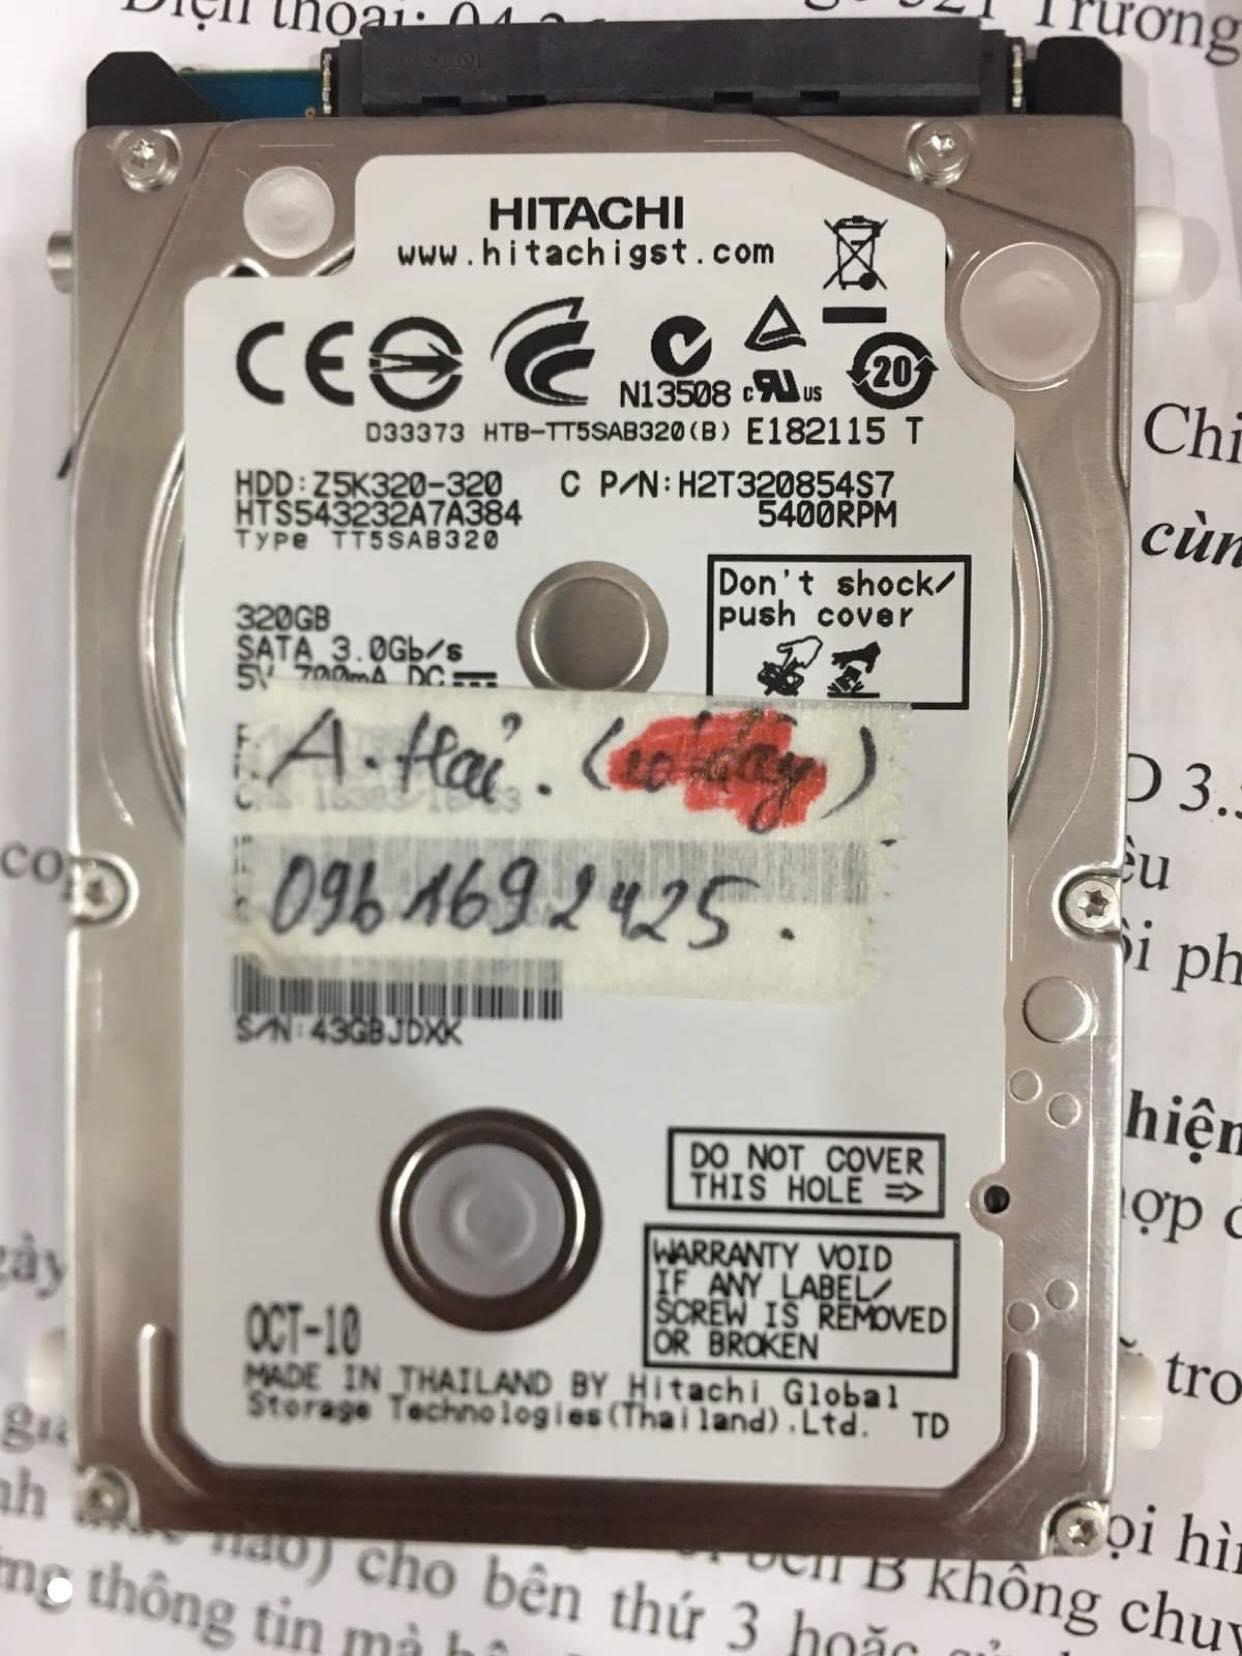 Cứu dữ liệu ổ cứng Hitachi 320GB đầu đọc kém 15/08/2019 - cuuamytinh